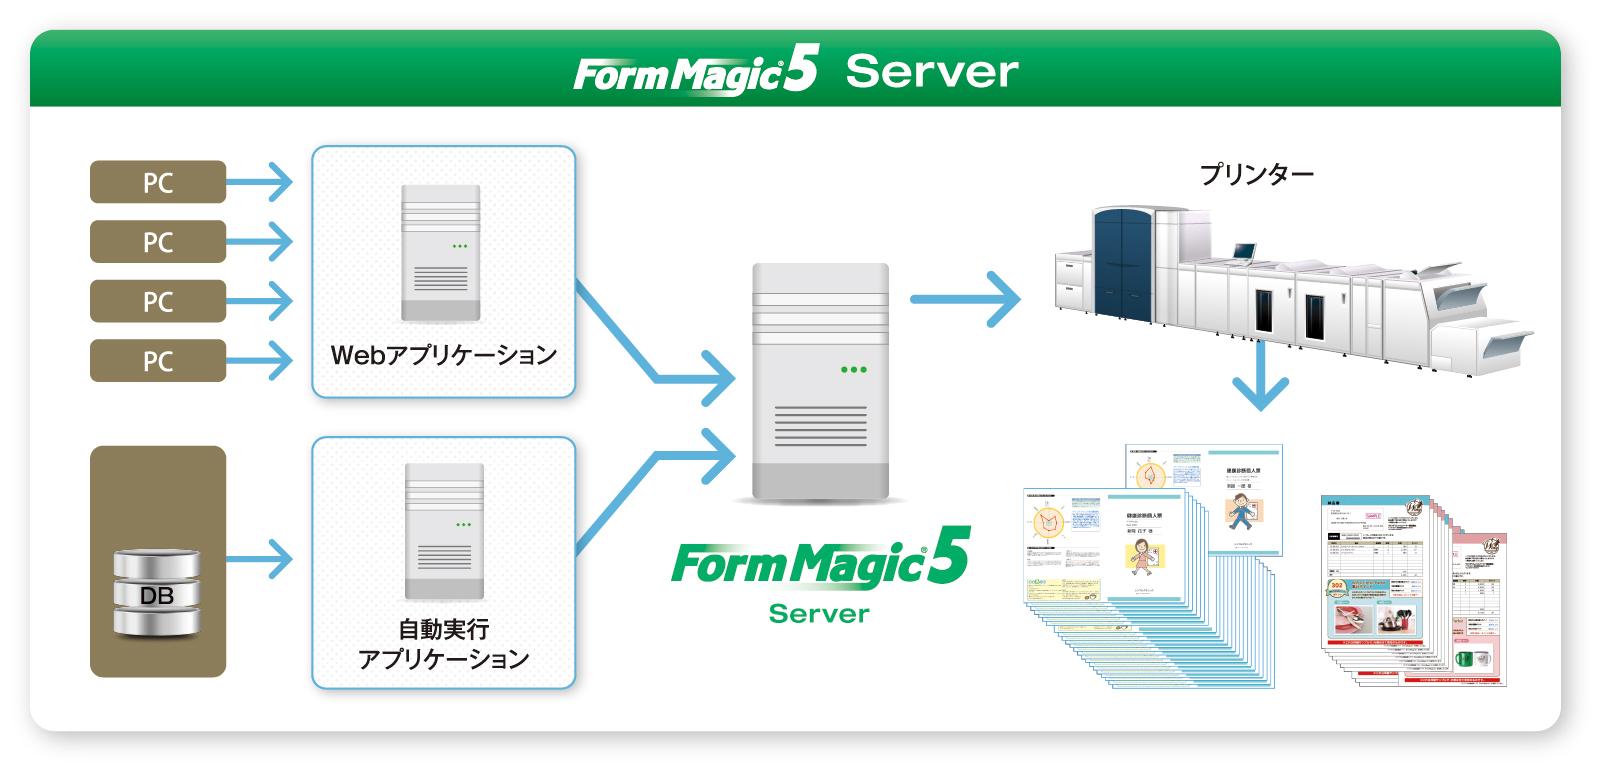 FormMagic5 Server